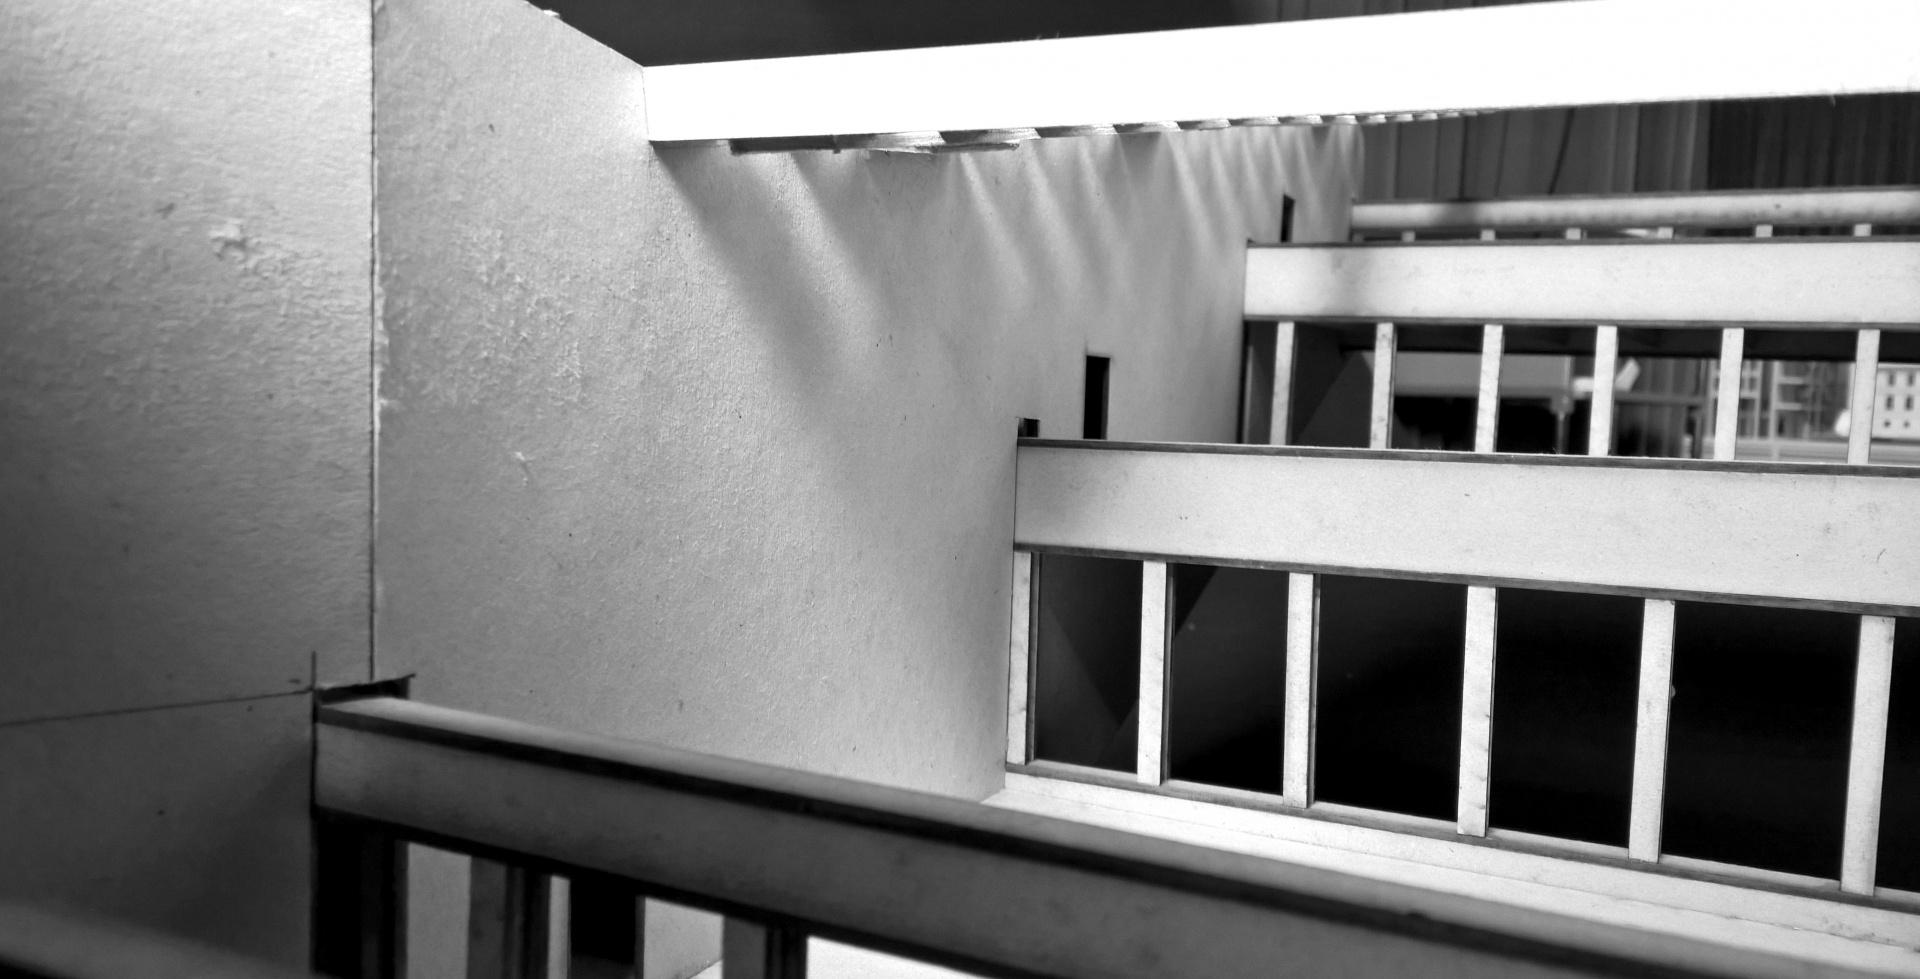 Riesige Vierendeelträger zeigen Raum und Abstufung © Ehrle / Schuld